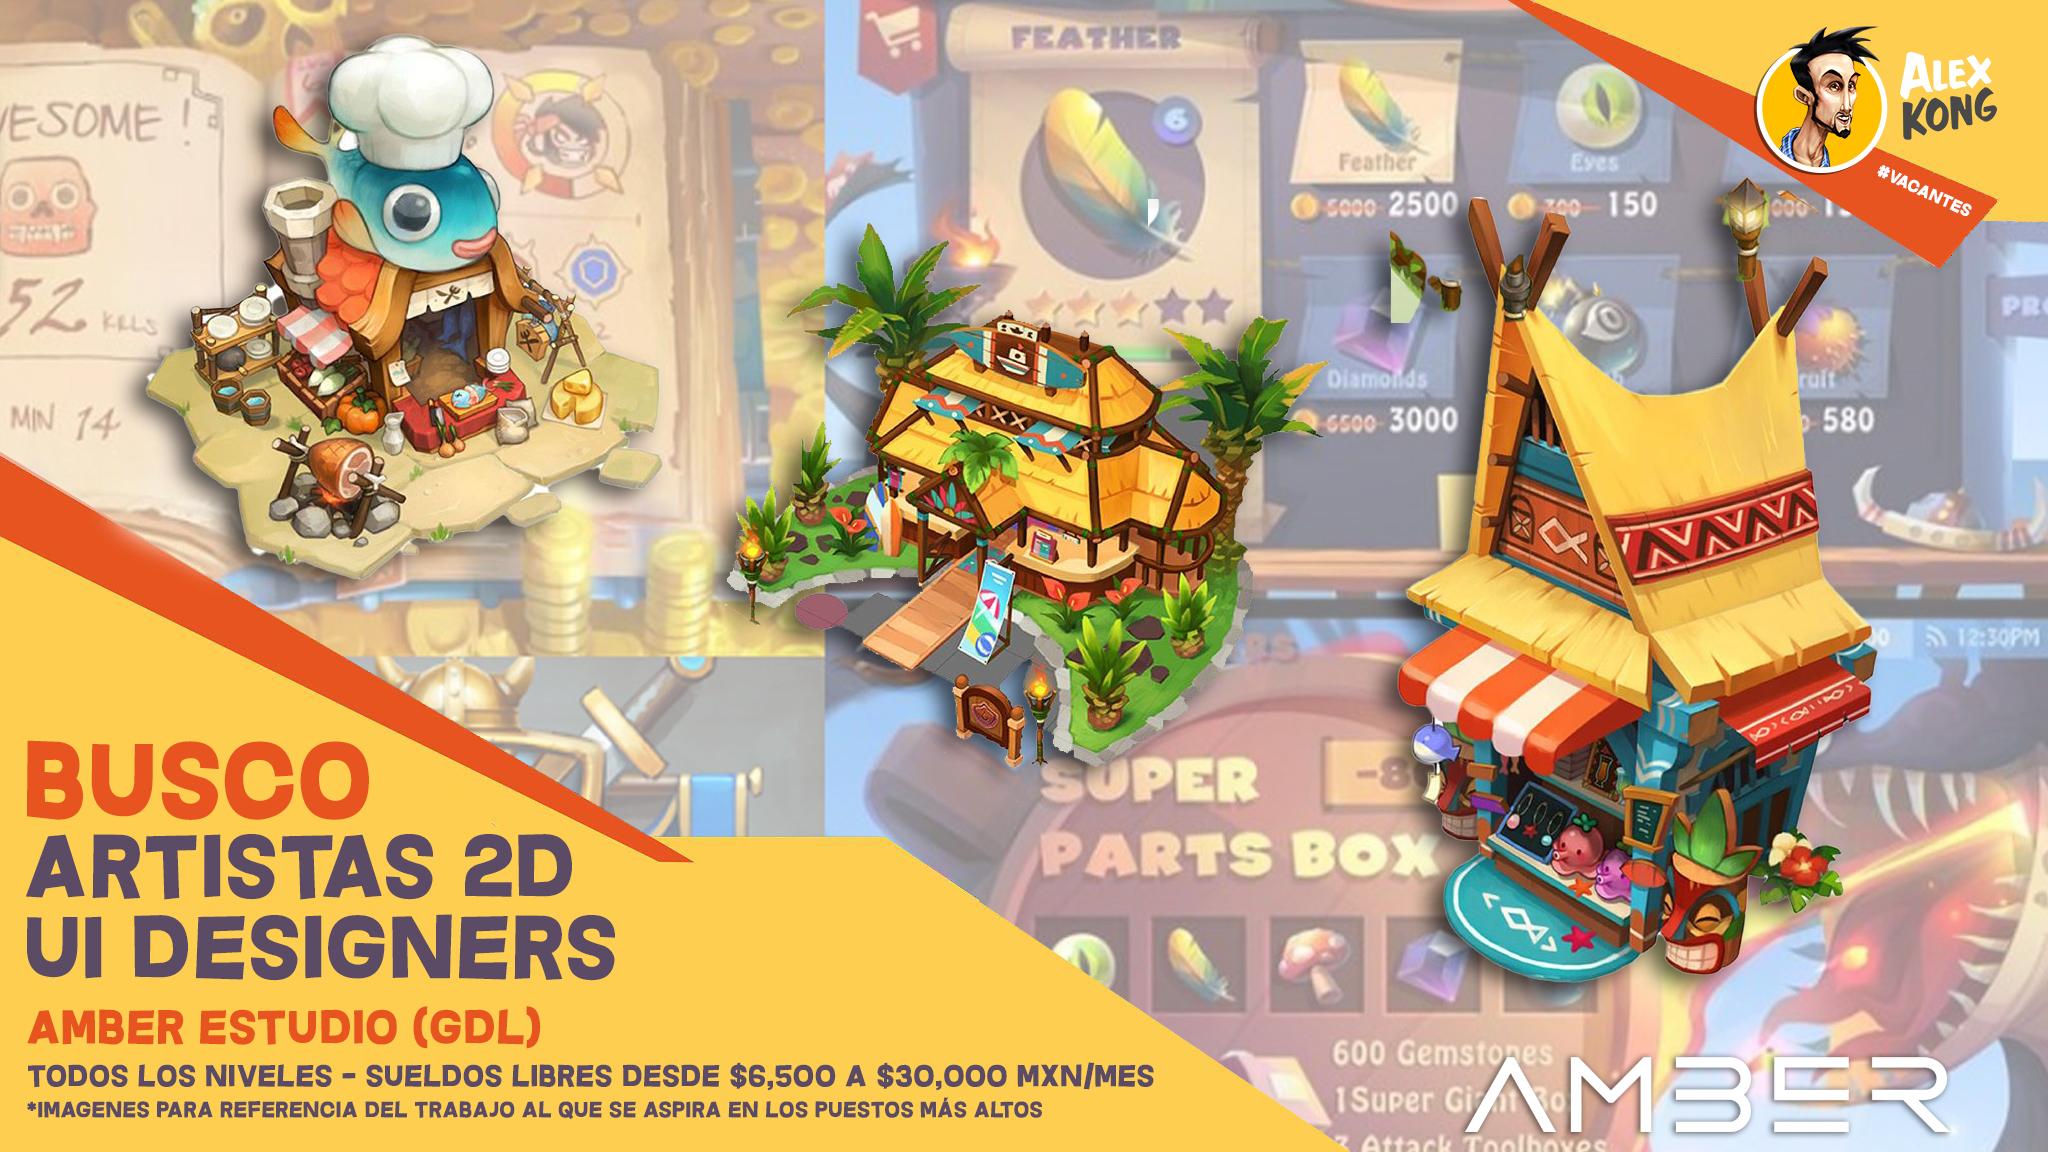 Artistas 2D (Concept Artist/UI Designers) (Todos los niveles)